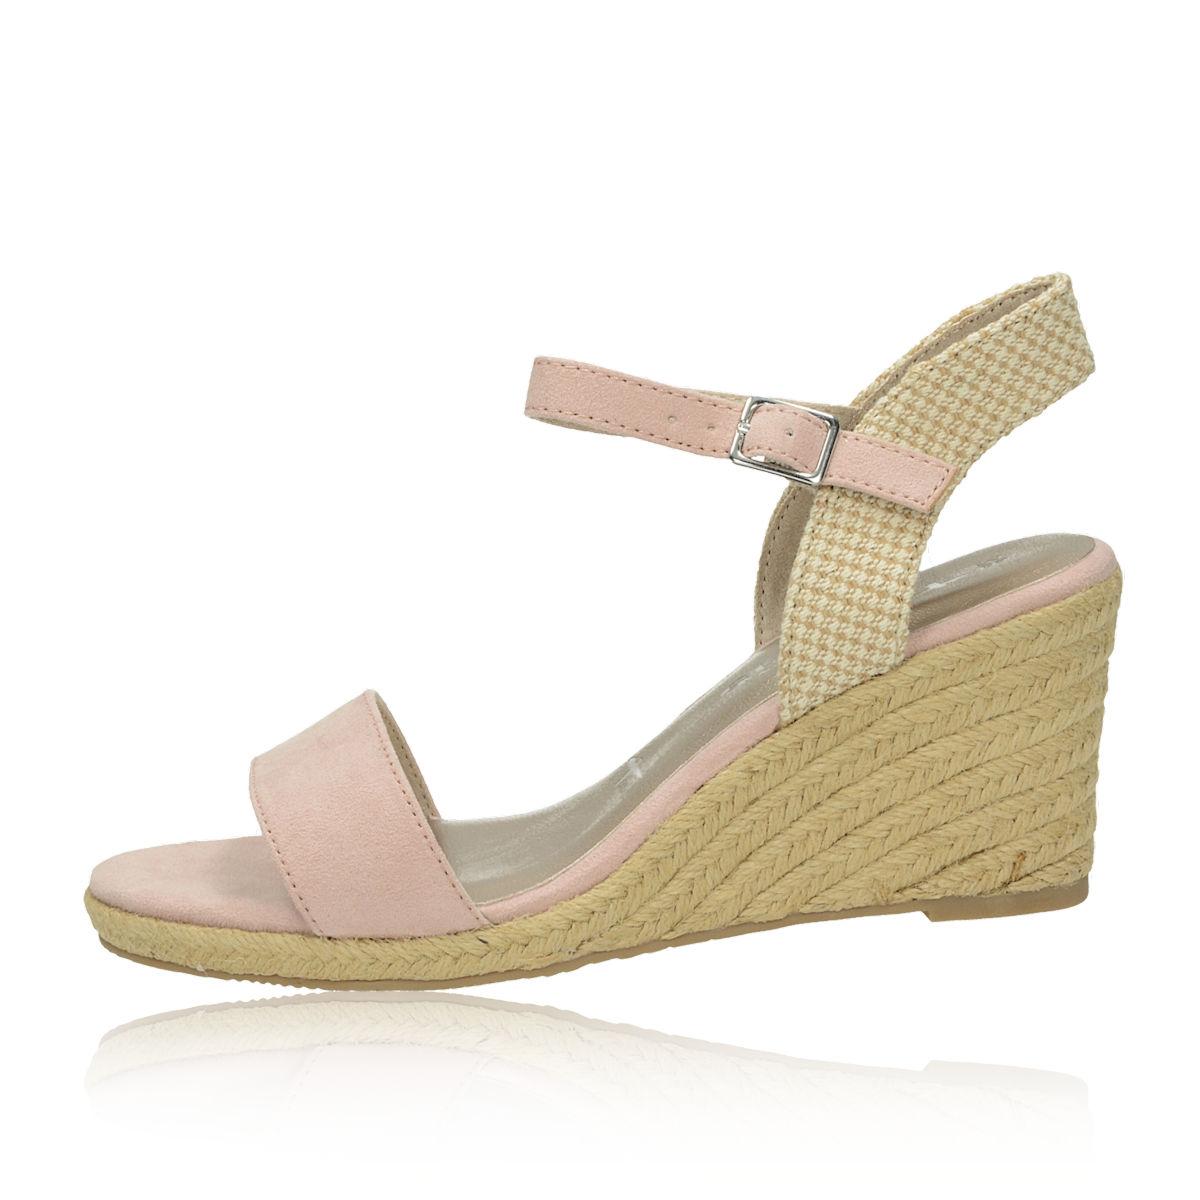 b8d1207819592 ... Tamaris dámske štýlové sandále na klinovej podrážke - ružové ...